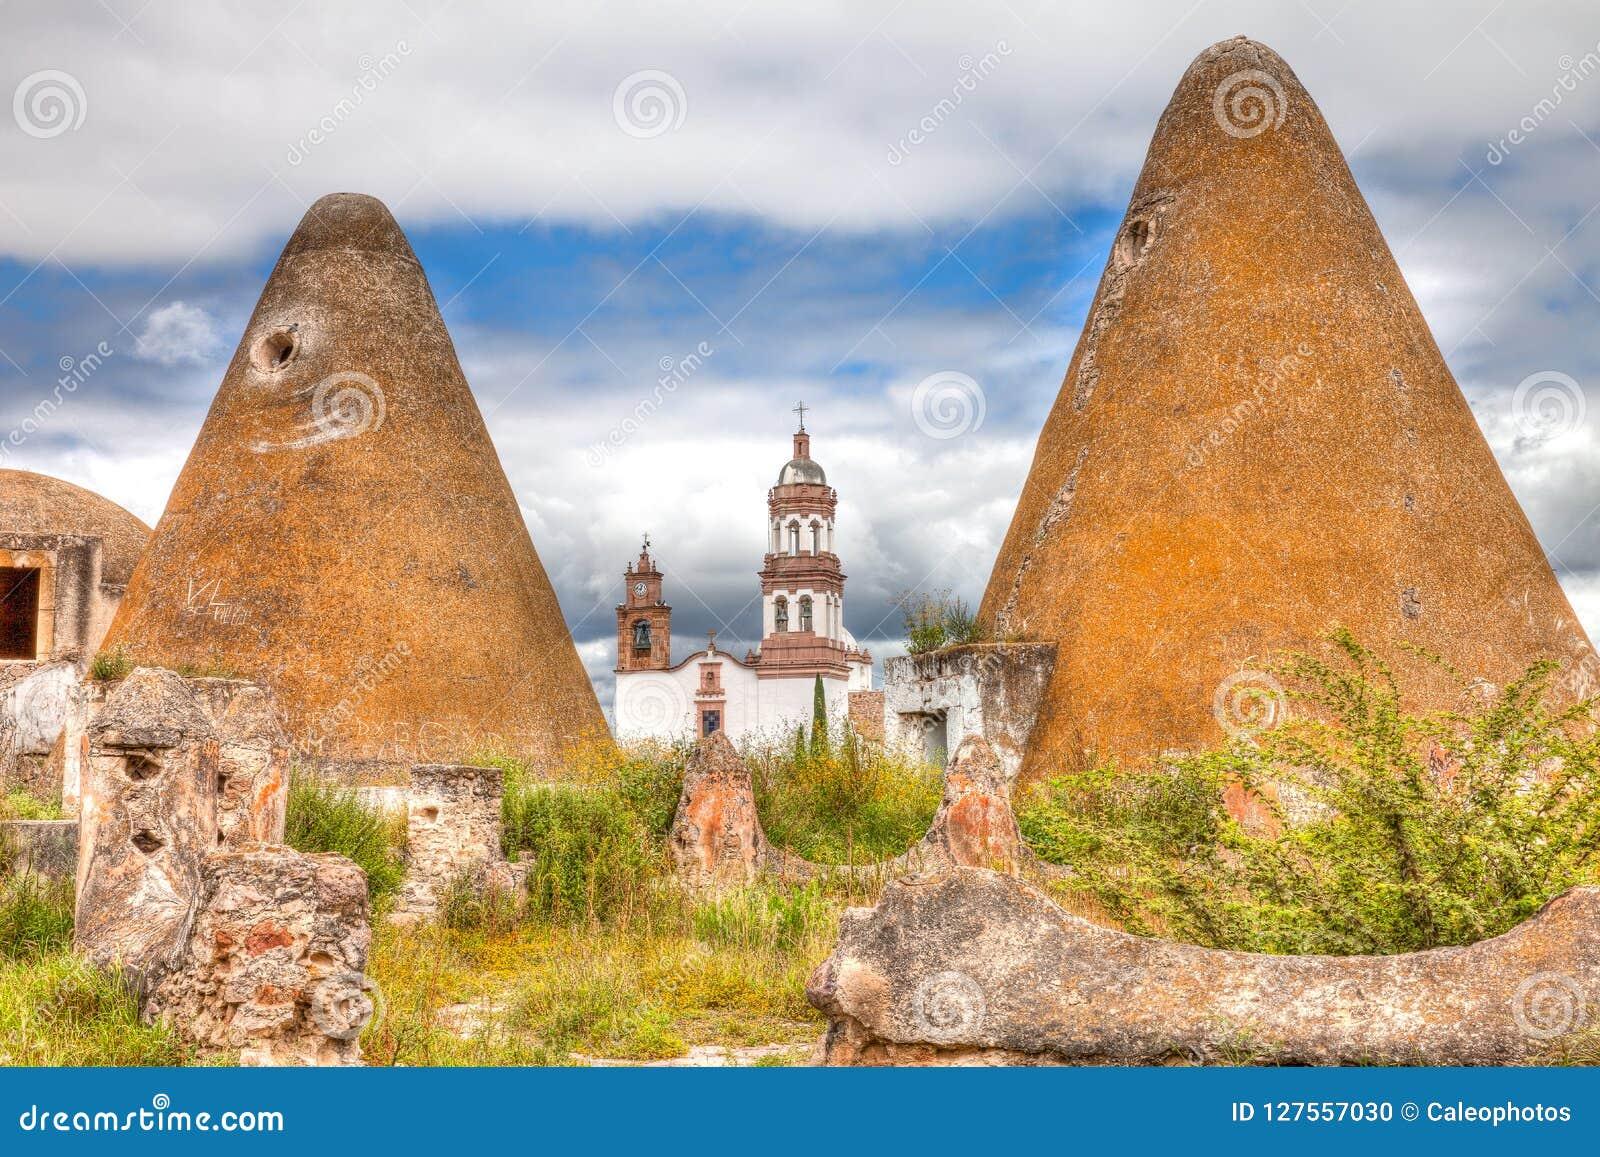 Hacienda Jaral DE Berrios in Guanajuato Mexico